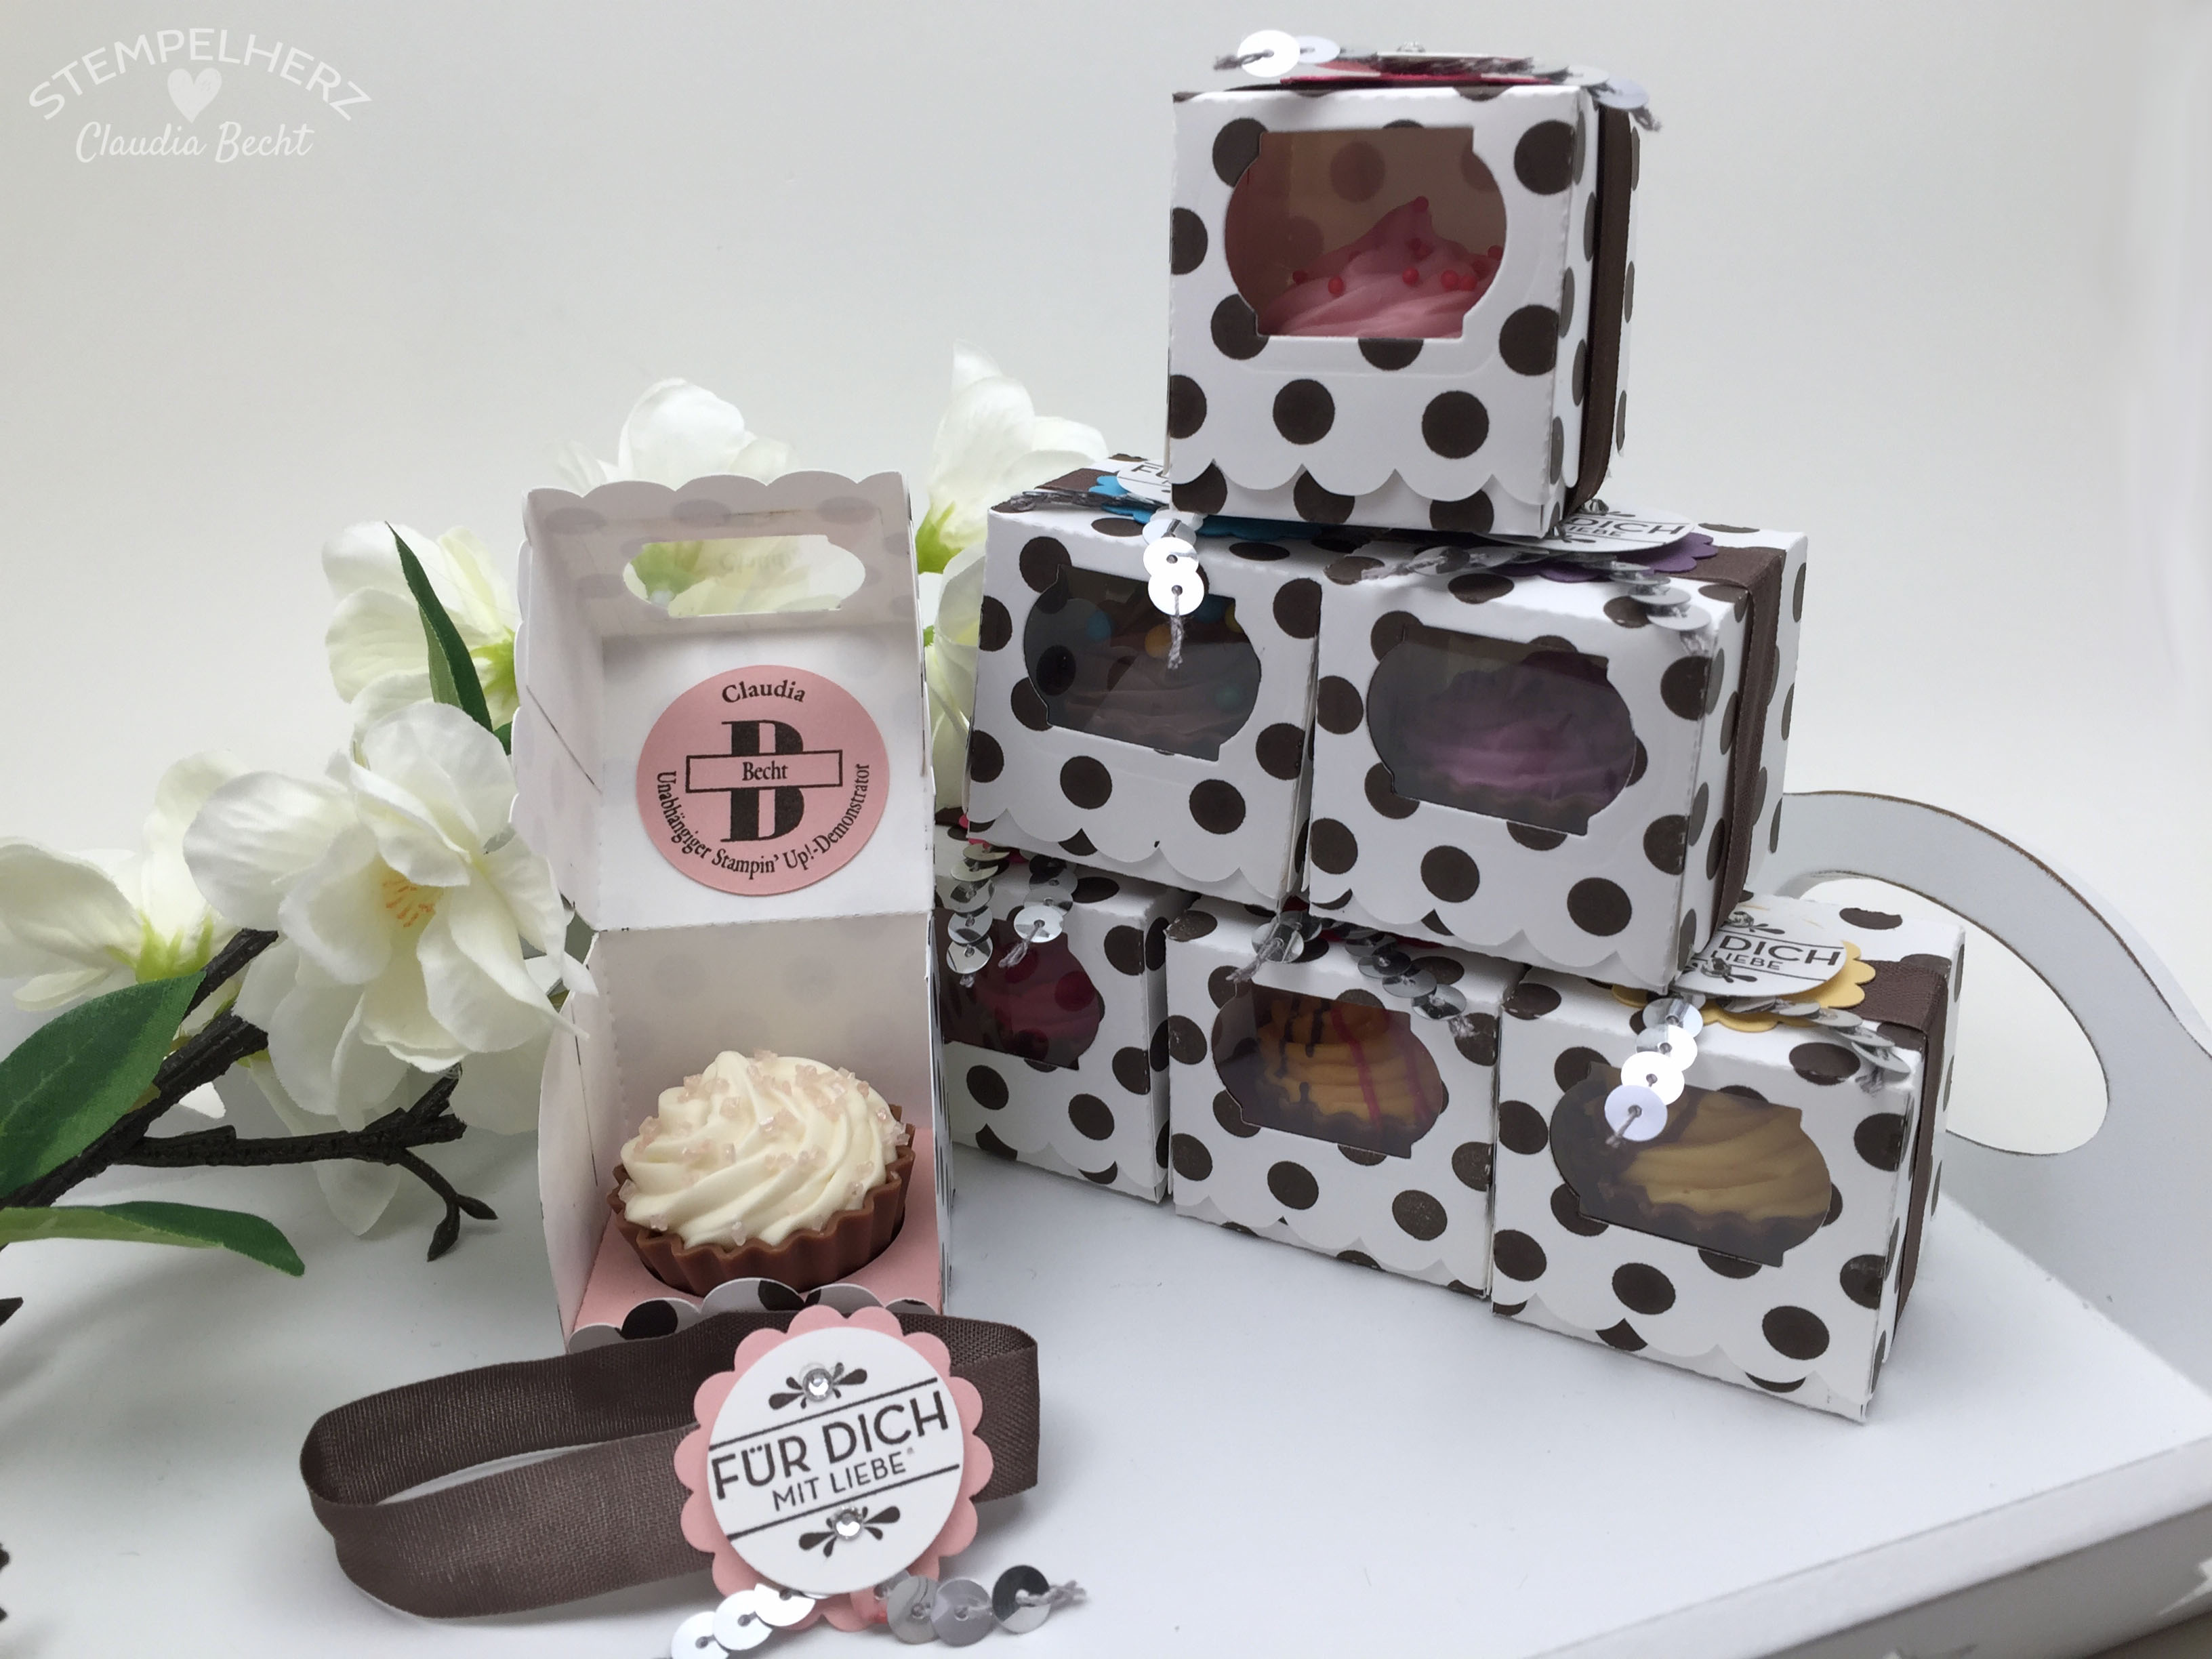 Stampin Up-Stempelherz-Verpackung-Box-Cupcakeverpackung-Cupcake-Hausgemachte Leckerbissen-Pralinenschachtel-Cupcakepralinen-Verpackung 01